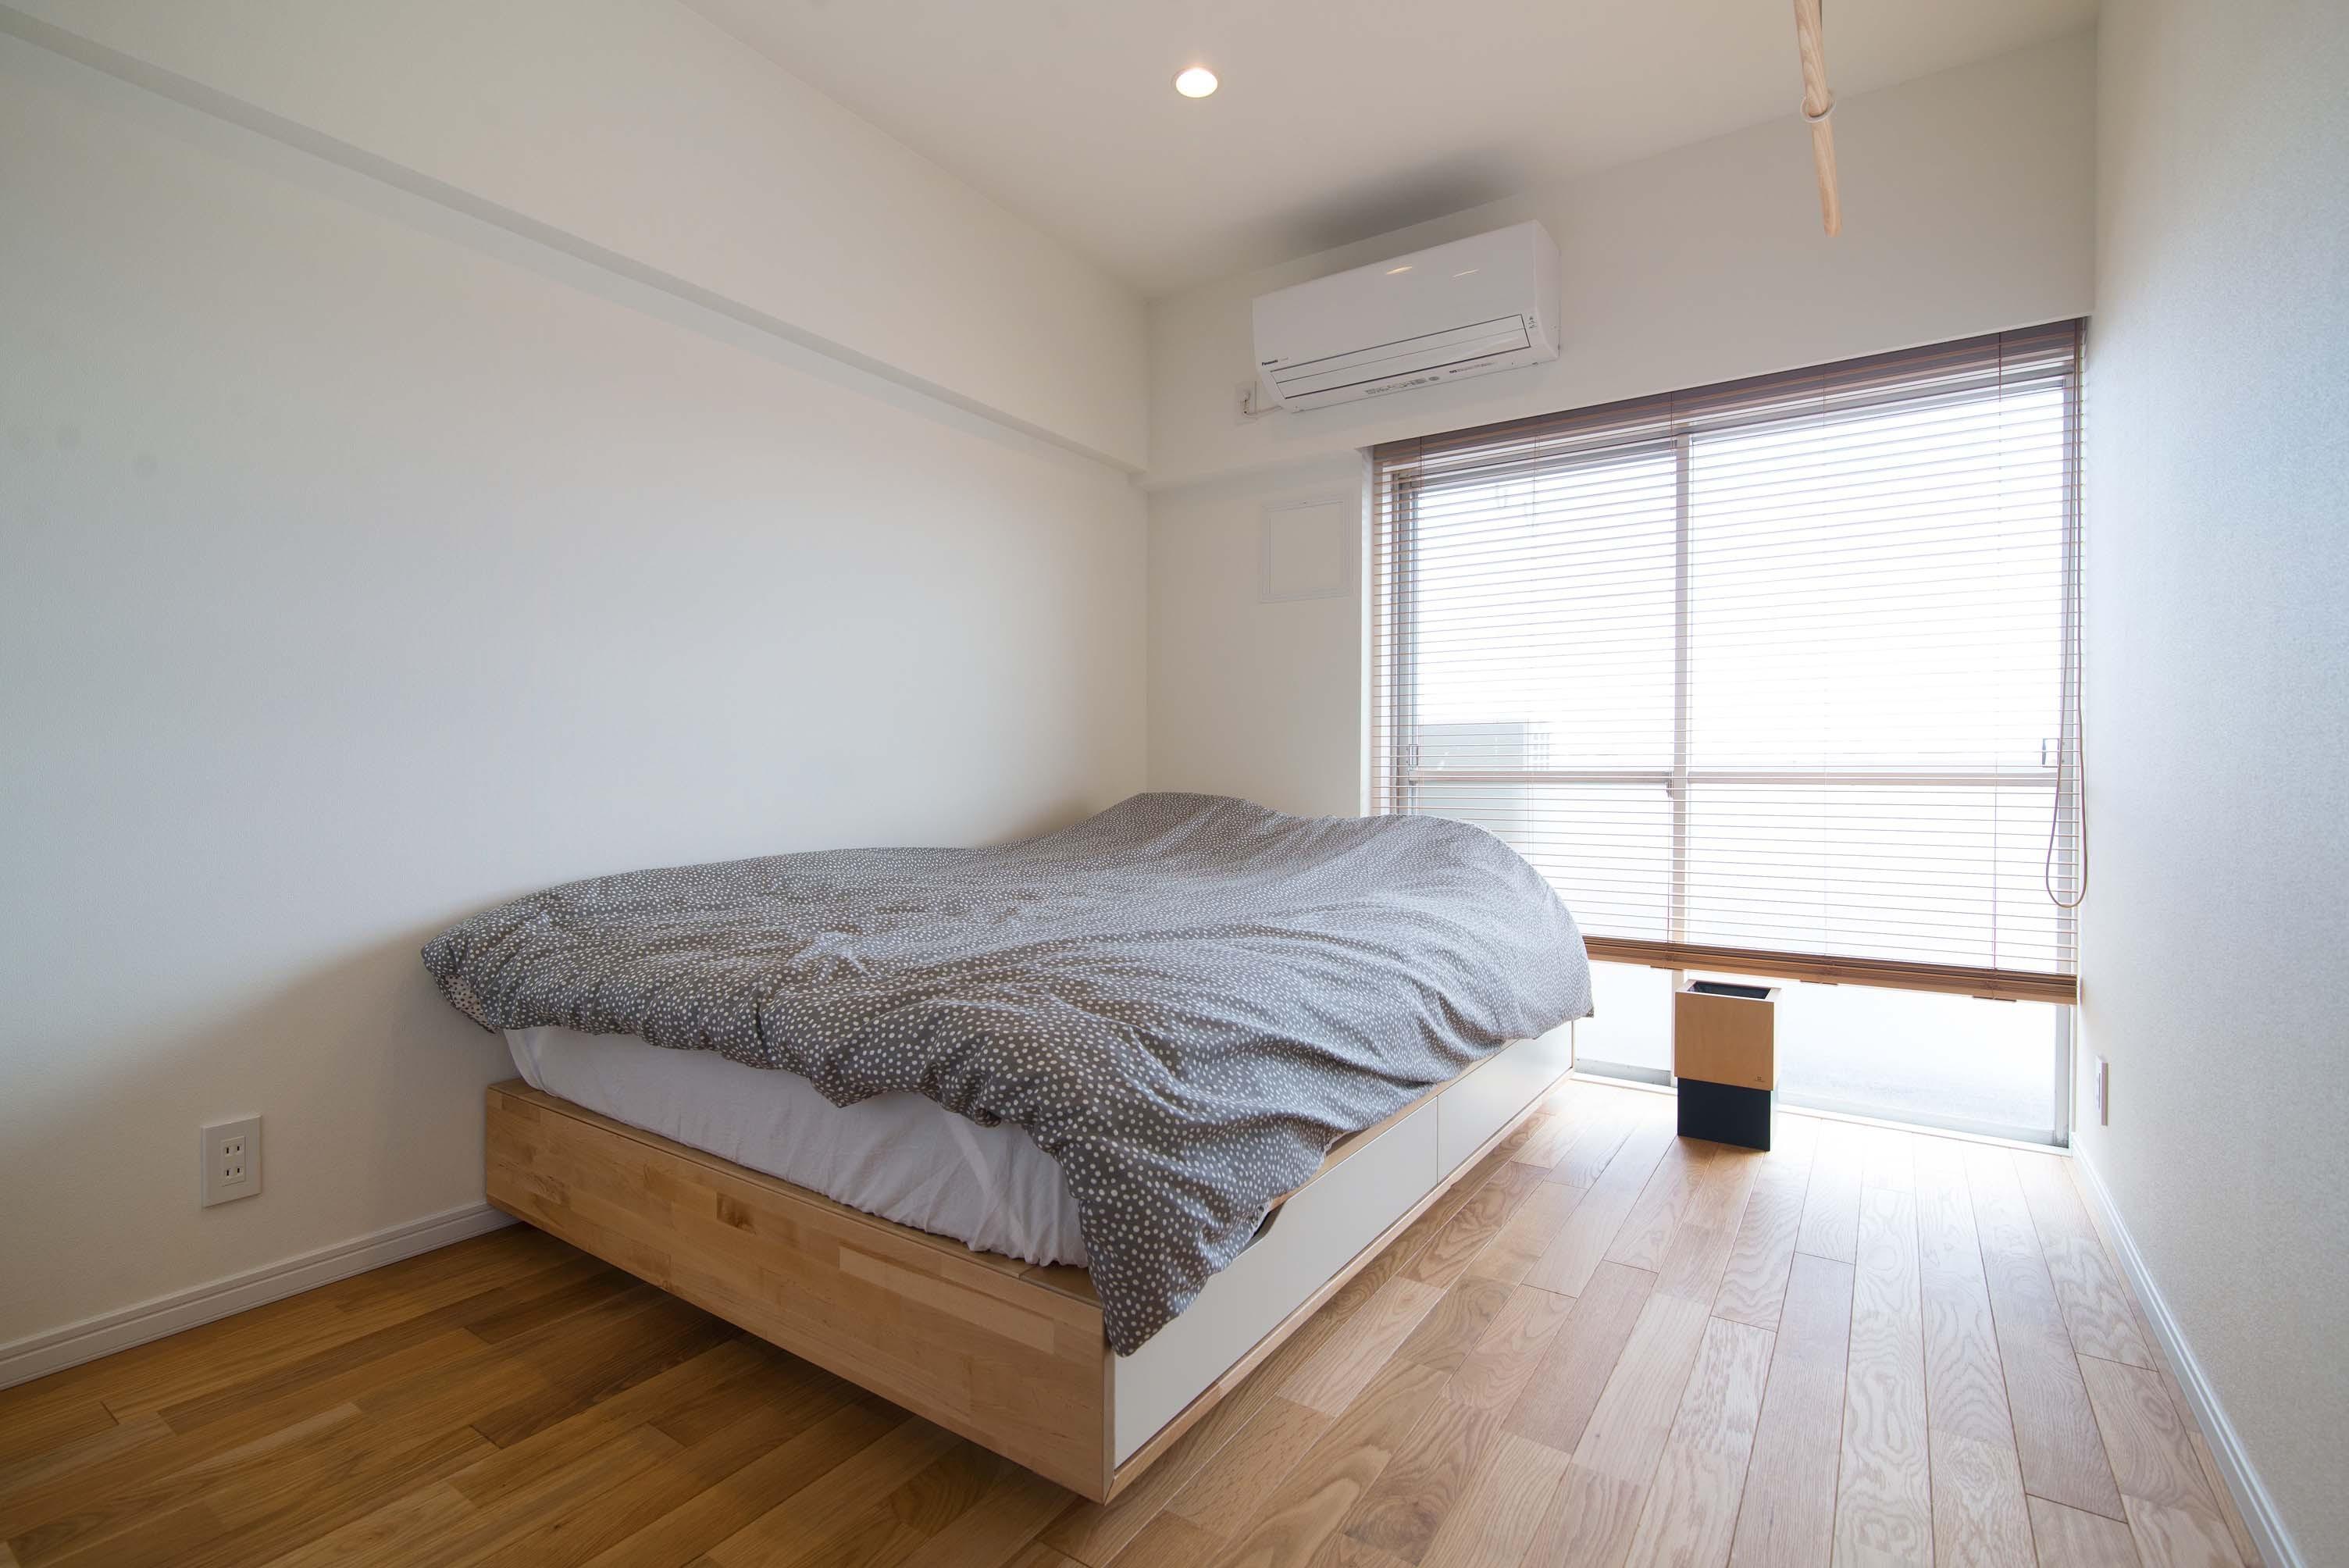 ベッドルーム事例:寝室(リノベ+リノベで好みのお部屋に)